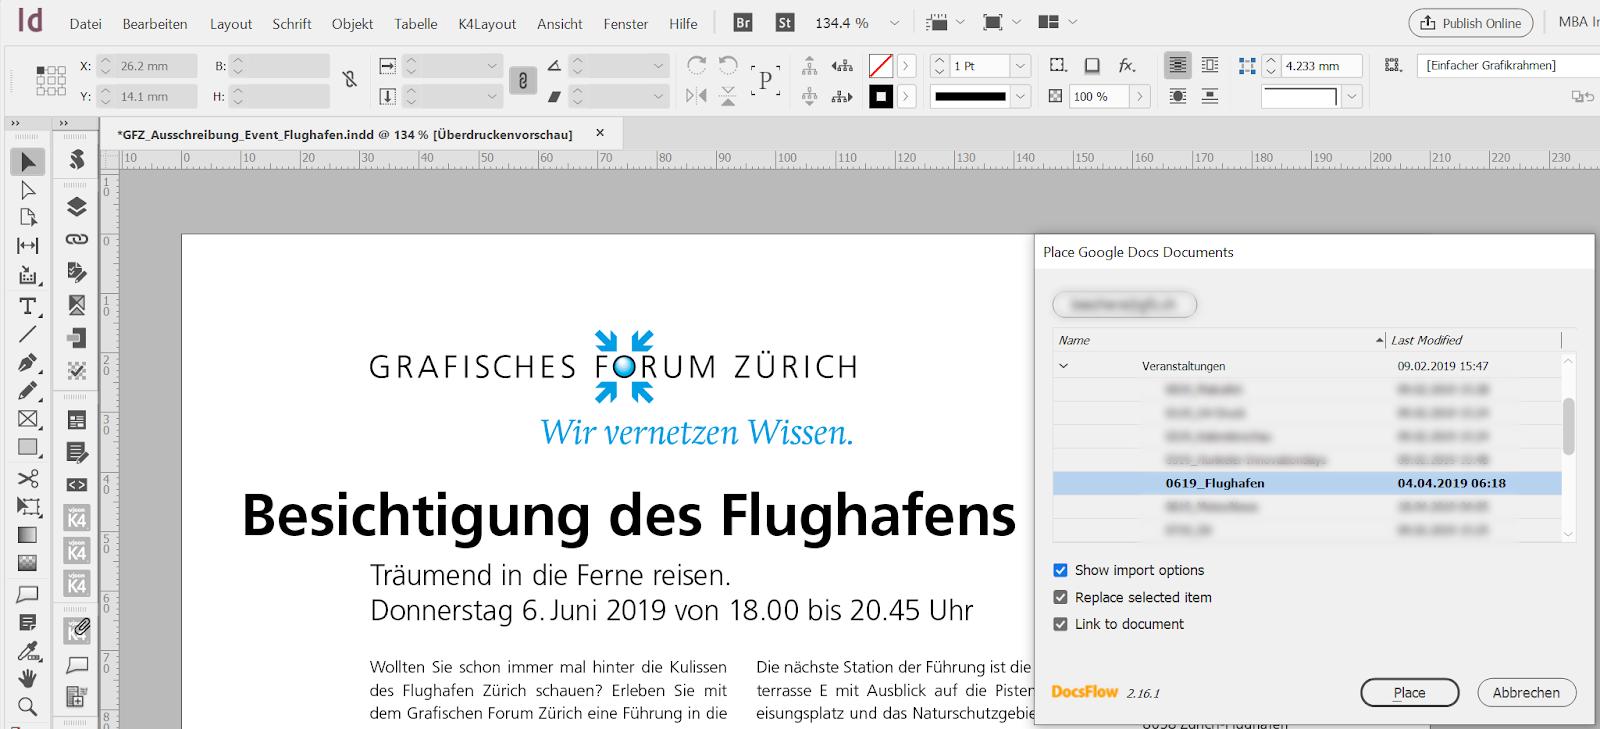 Für die Synchronisation mit Adobe InDesign wird gegenwärtig DocsFlow eingesetzt. Ein eigenständig entwickeltes  Adobe CEP Plugin ist in Planung.